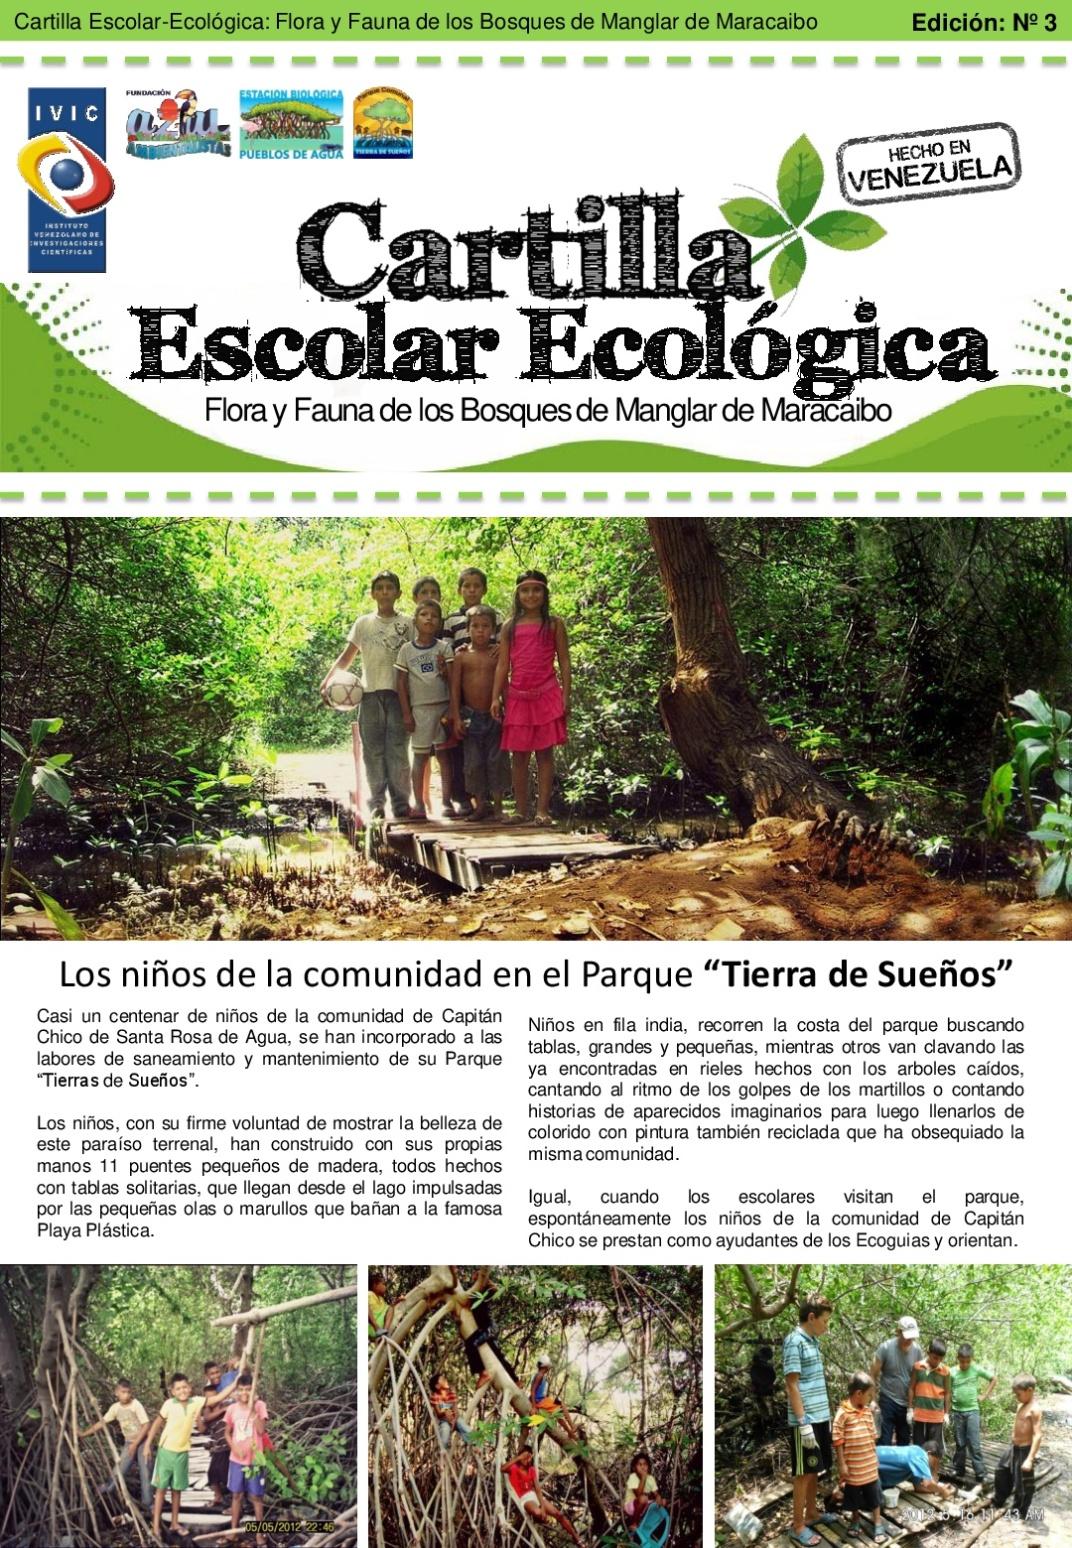 cartilla-escolar-ecologica-edicion-03-001